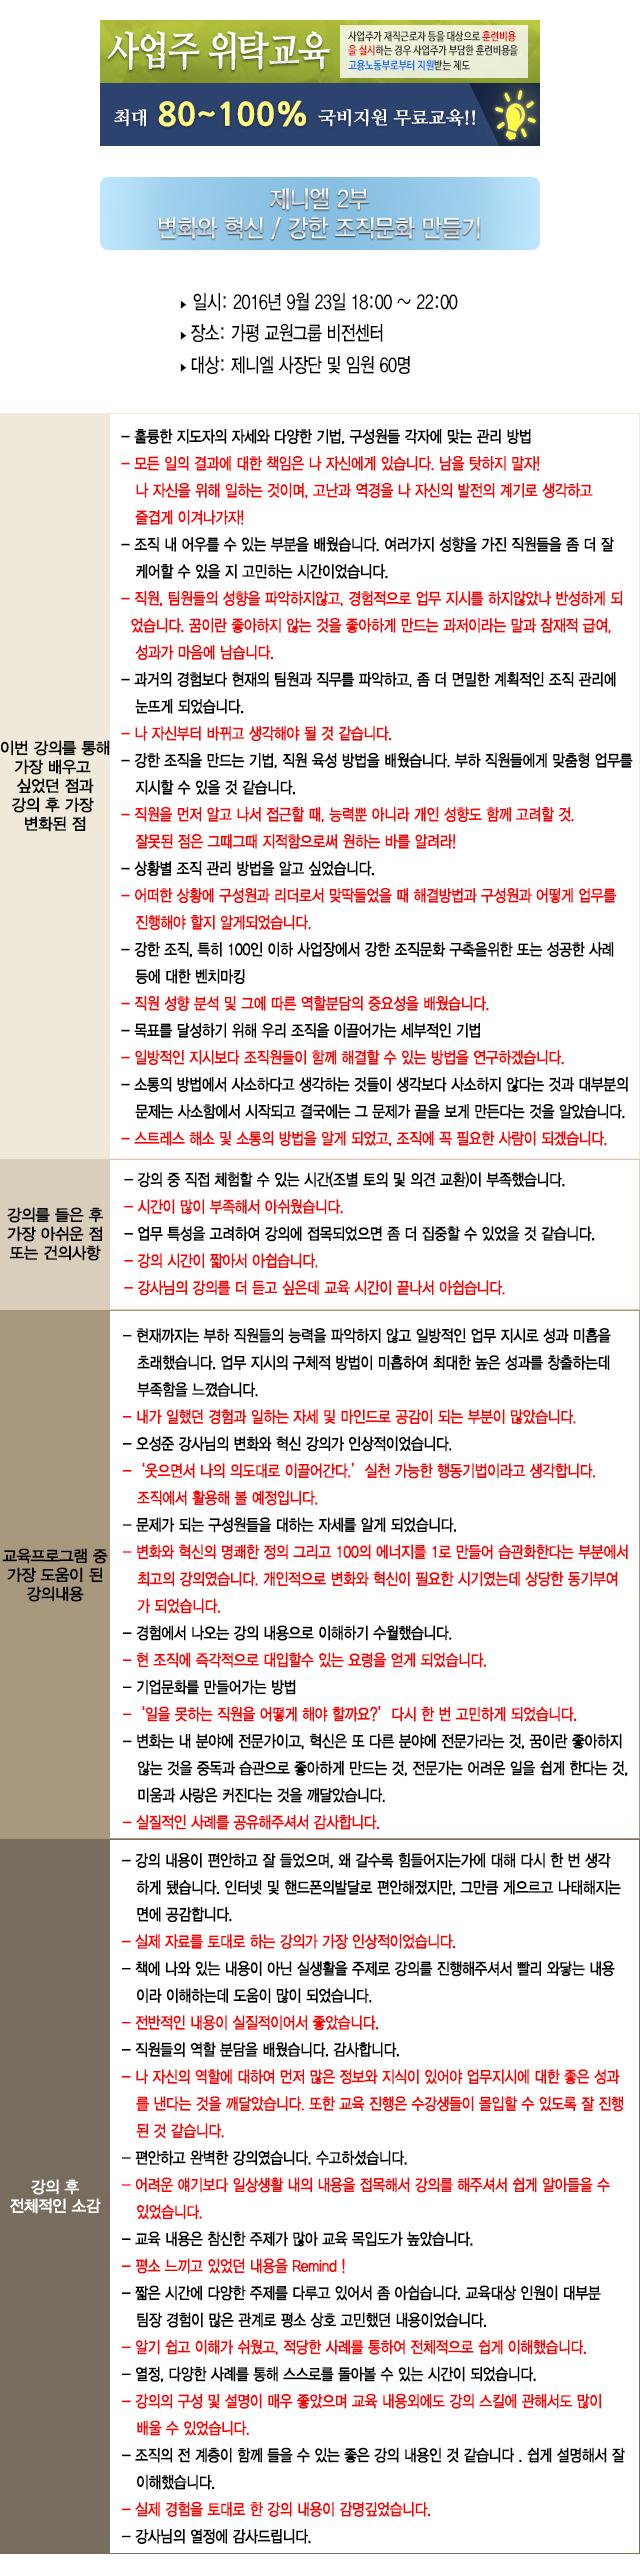 한국중앙인재개발원 후기 제니엘_변화혁신.jpg